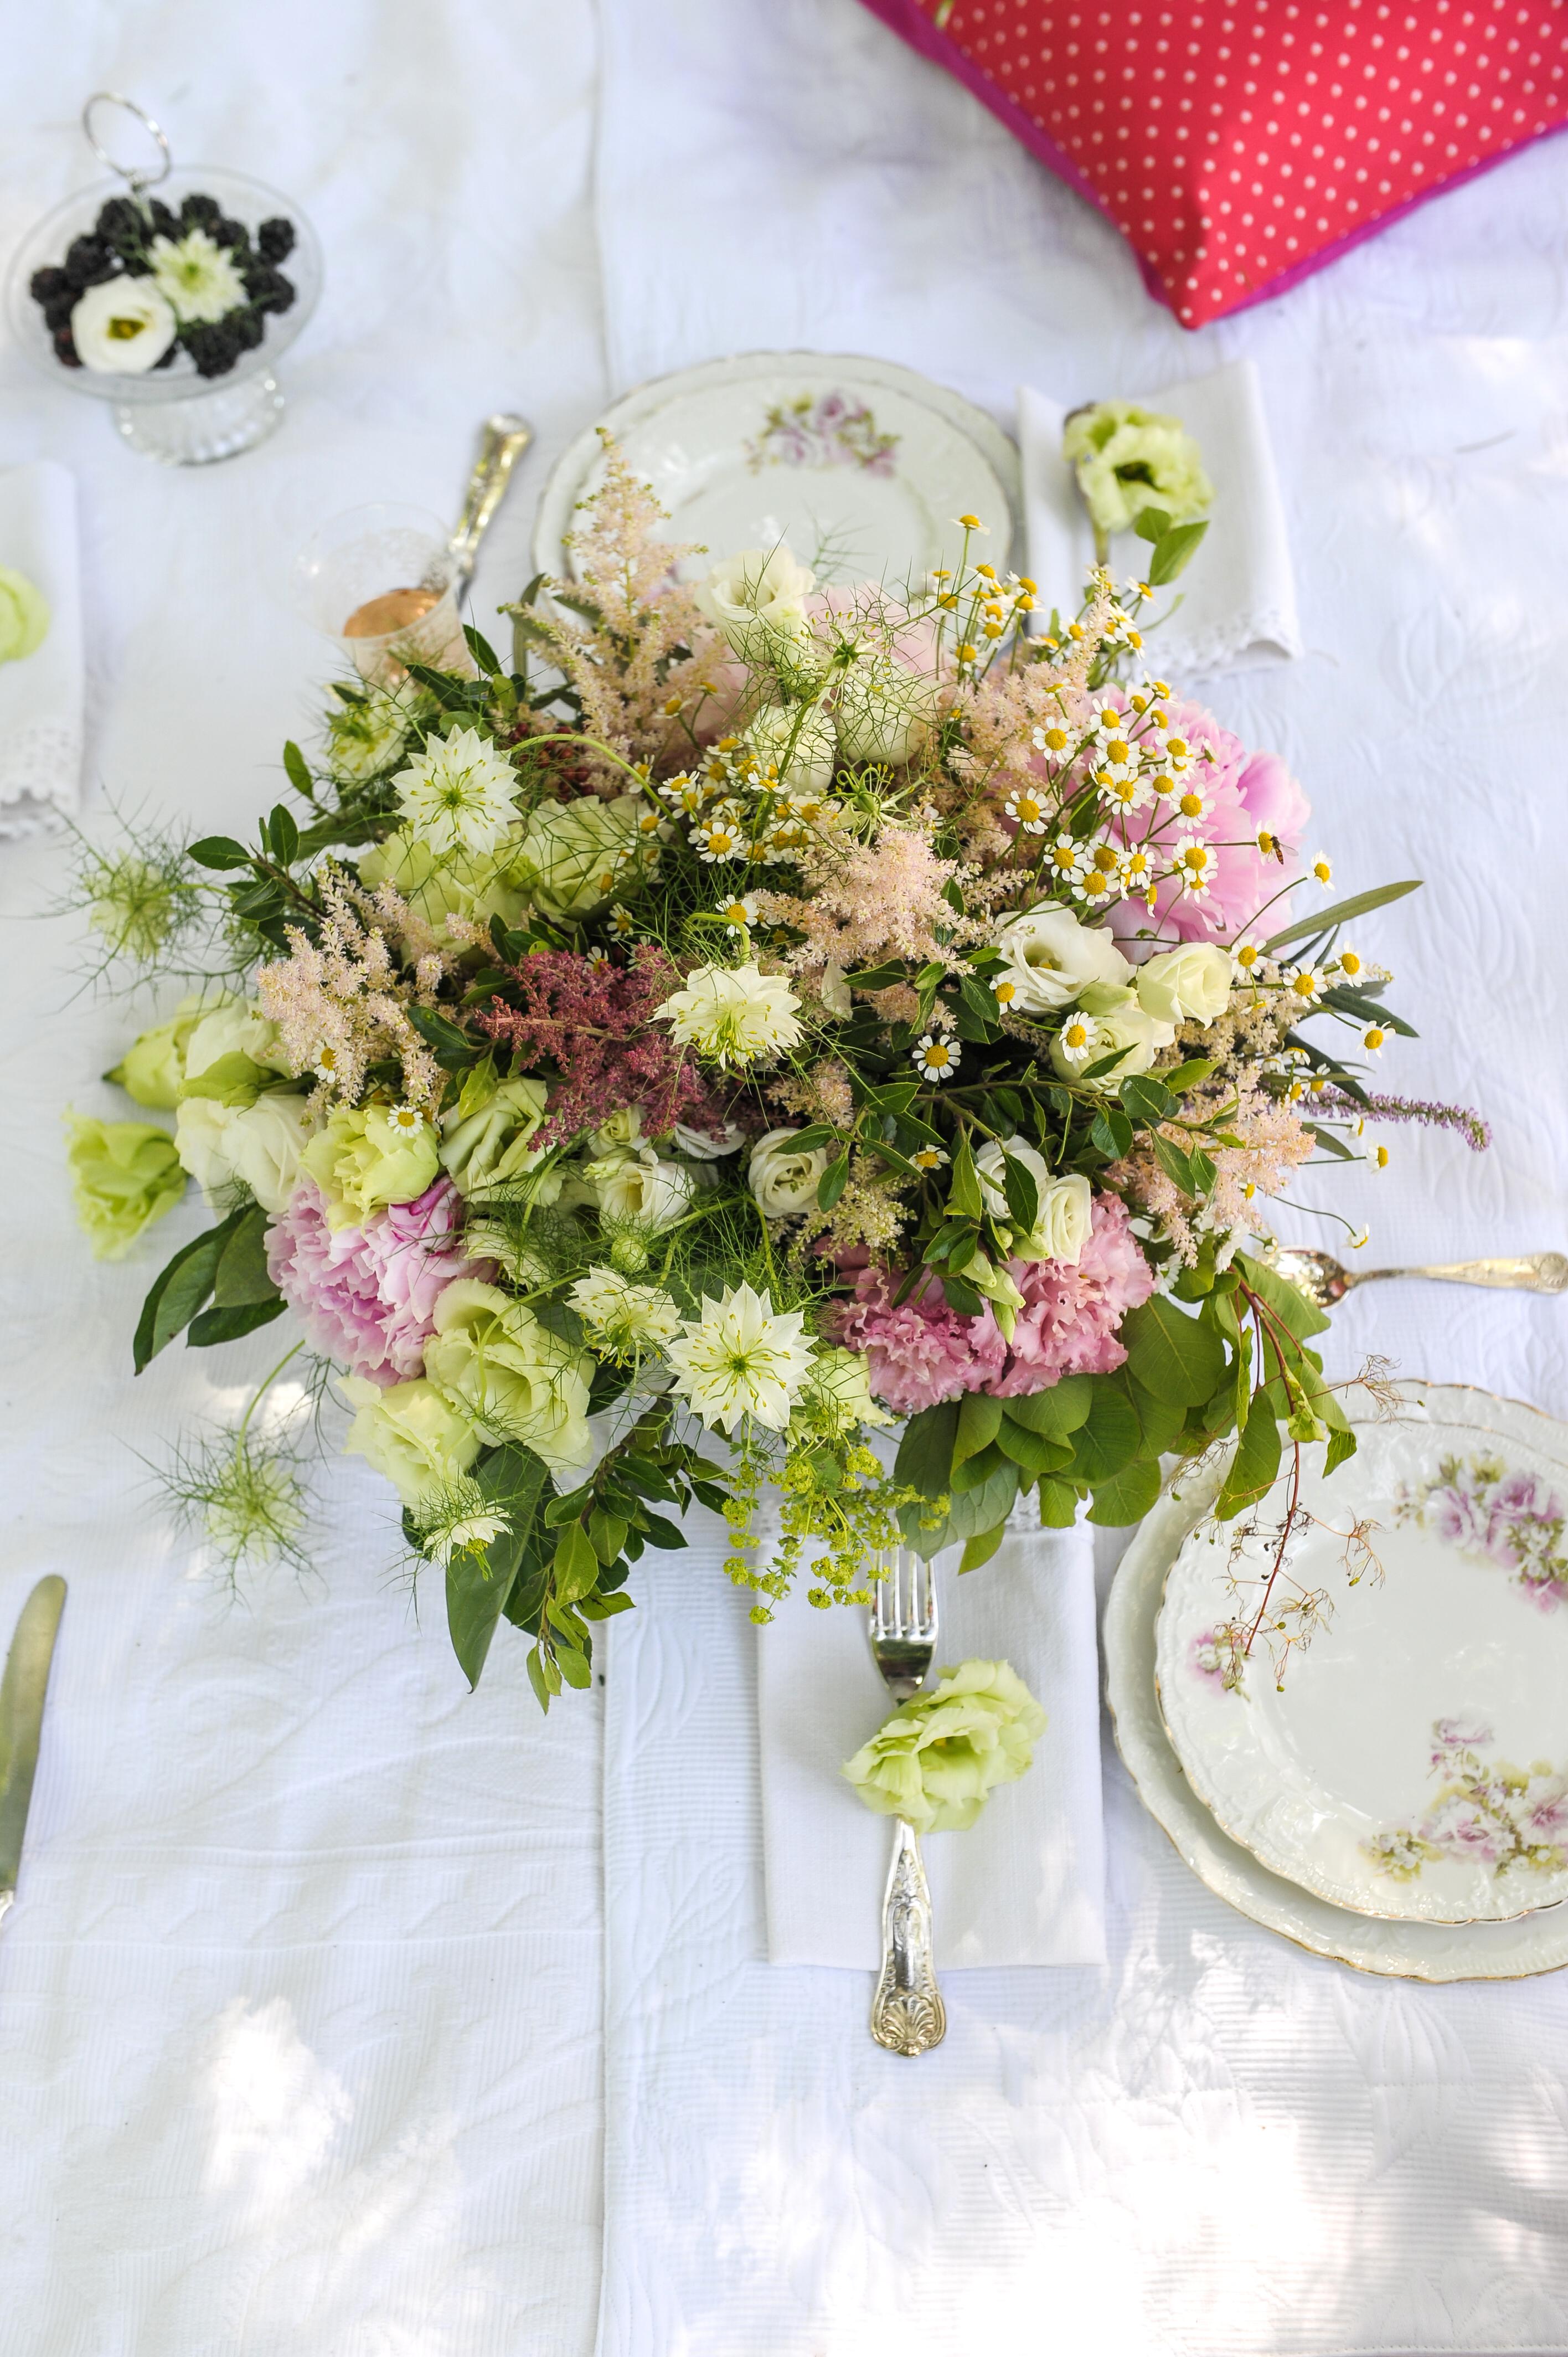 Matrimonio Country Chic Lago Di Garda : Un matrimonio originale: un pic nic country chic my perfect day